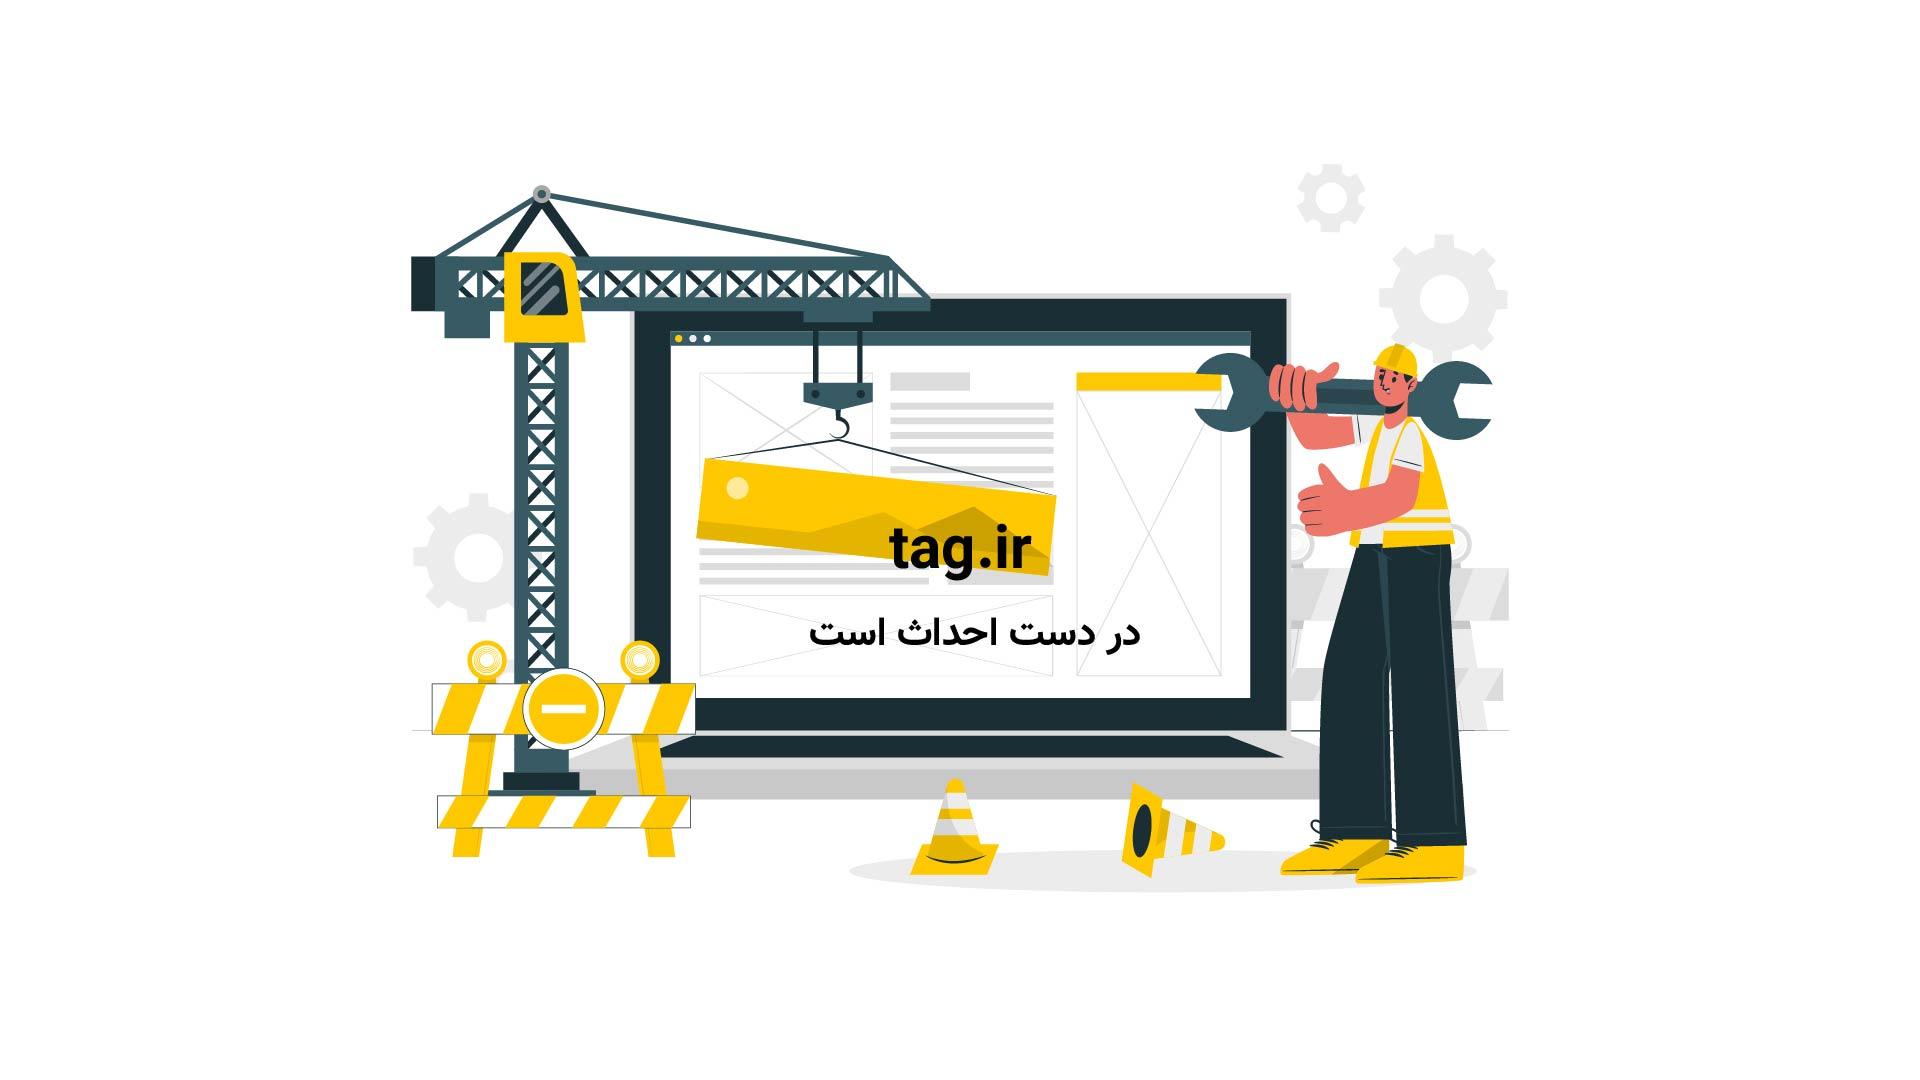 حمله فیل عصبانی به بوفالو + فیلم